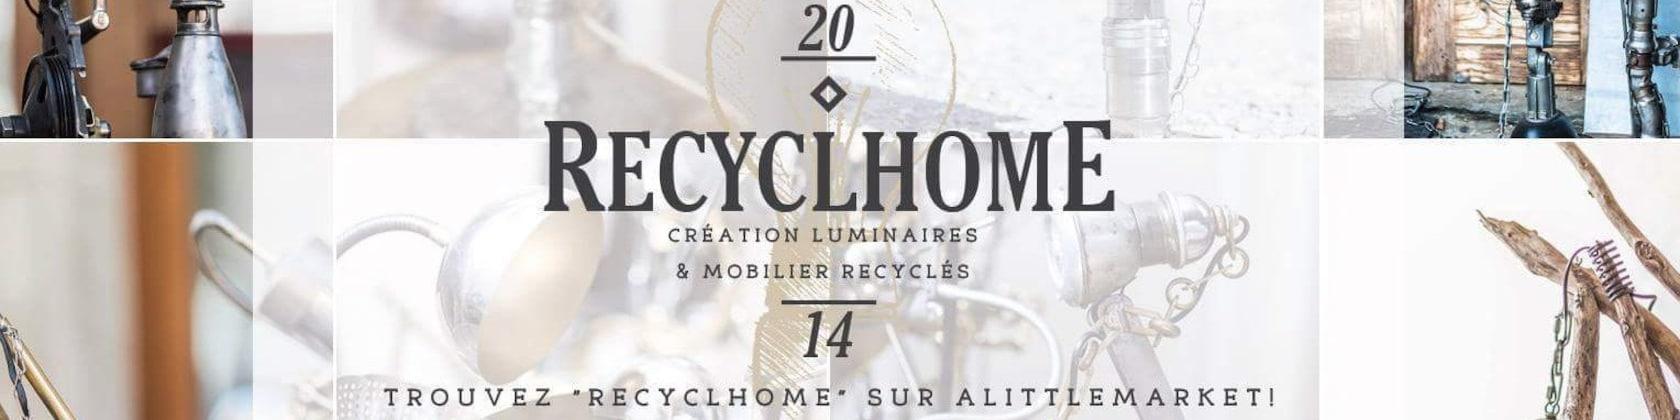 De Matériaux Recyclhome Bois Par Divers RecyclhomeRecyclage Fer CBerdxoW